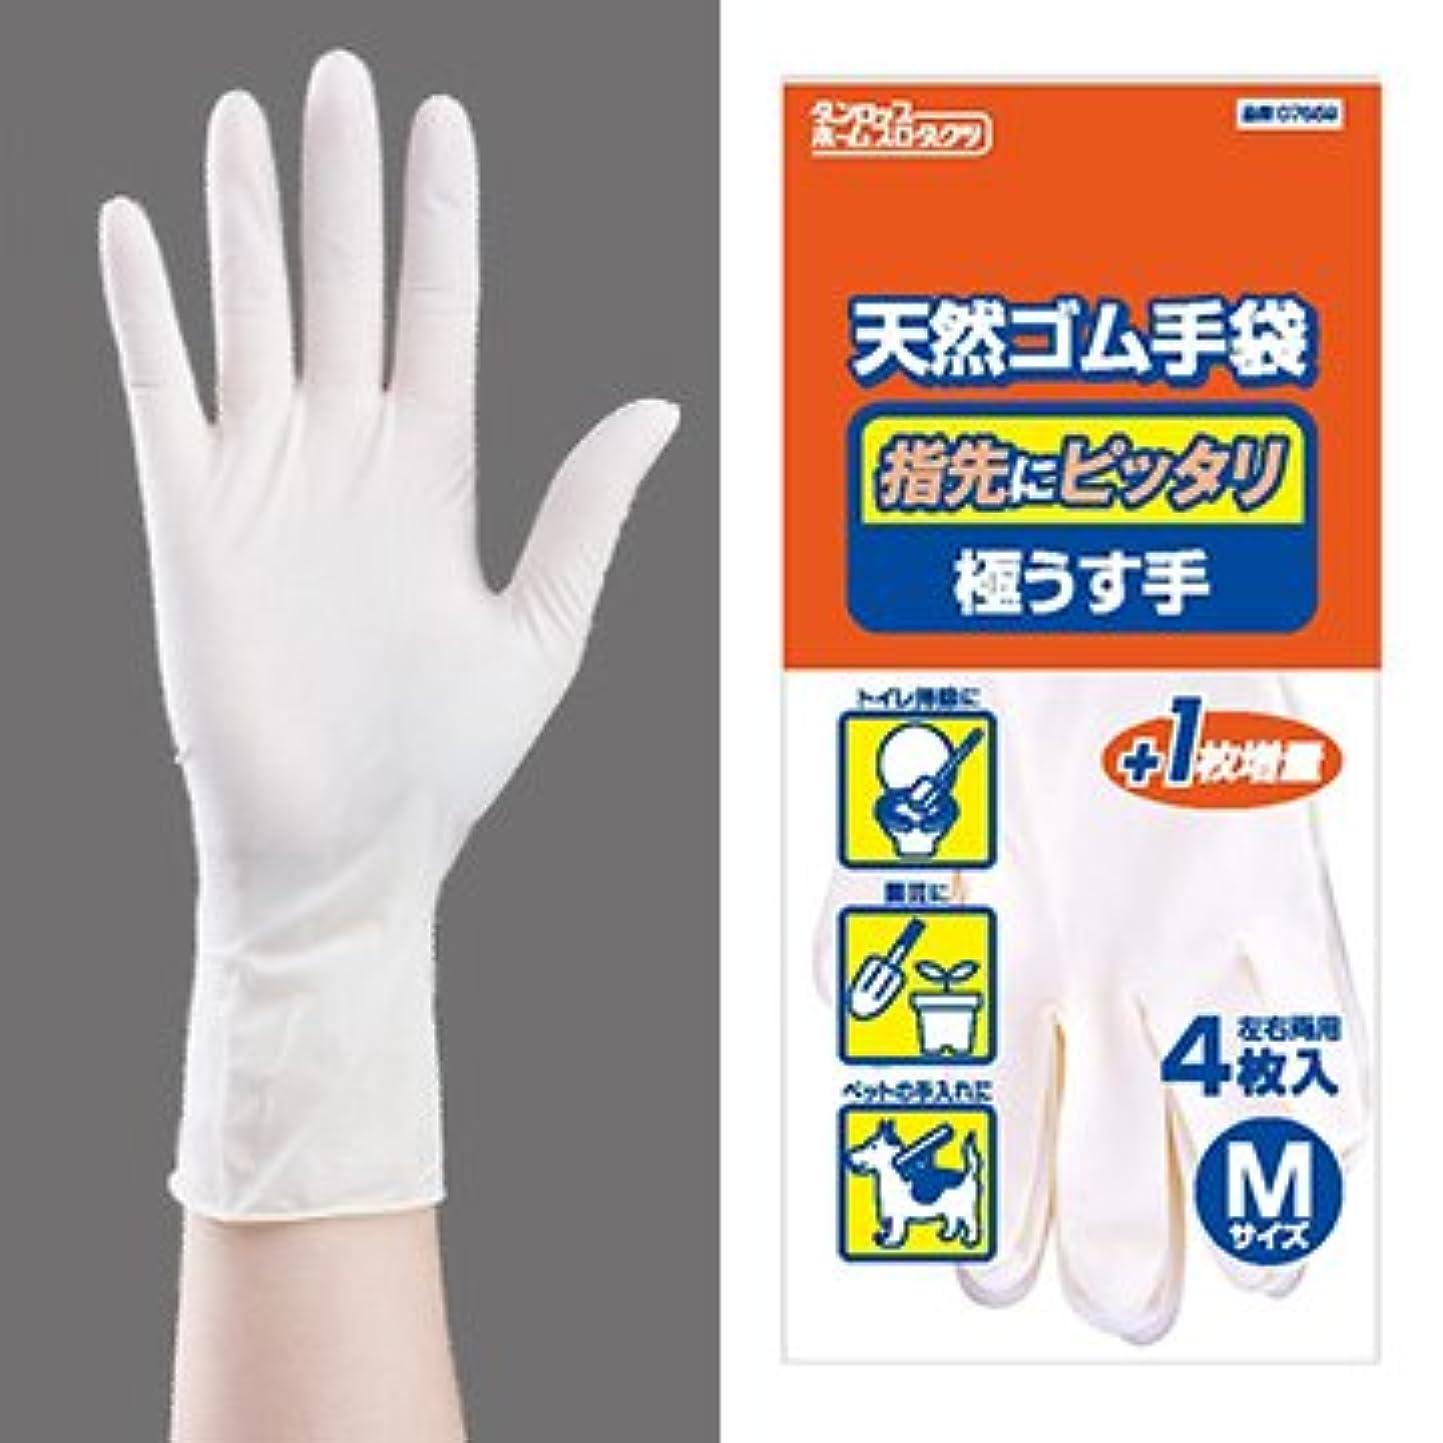 食い違い怒ってミシン目天然ゴム極うす手袋 4枚+1枚入